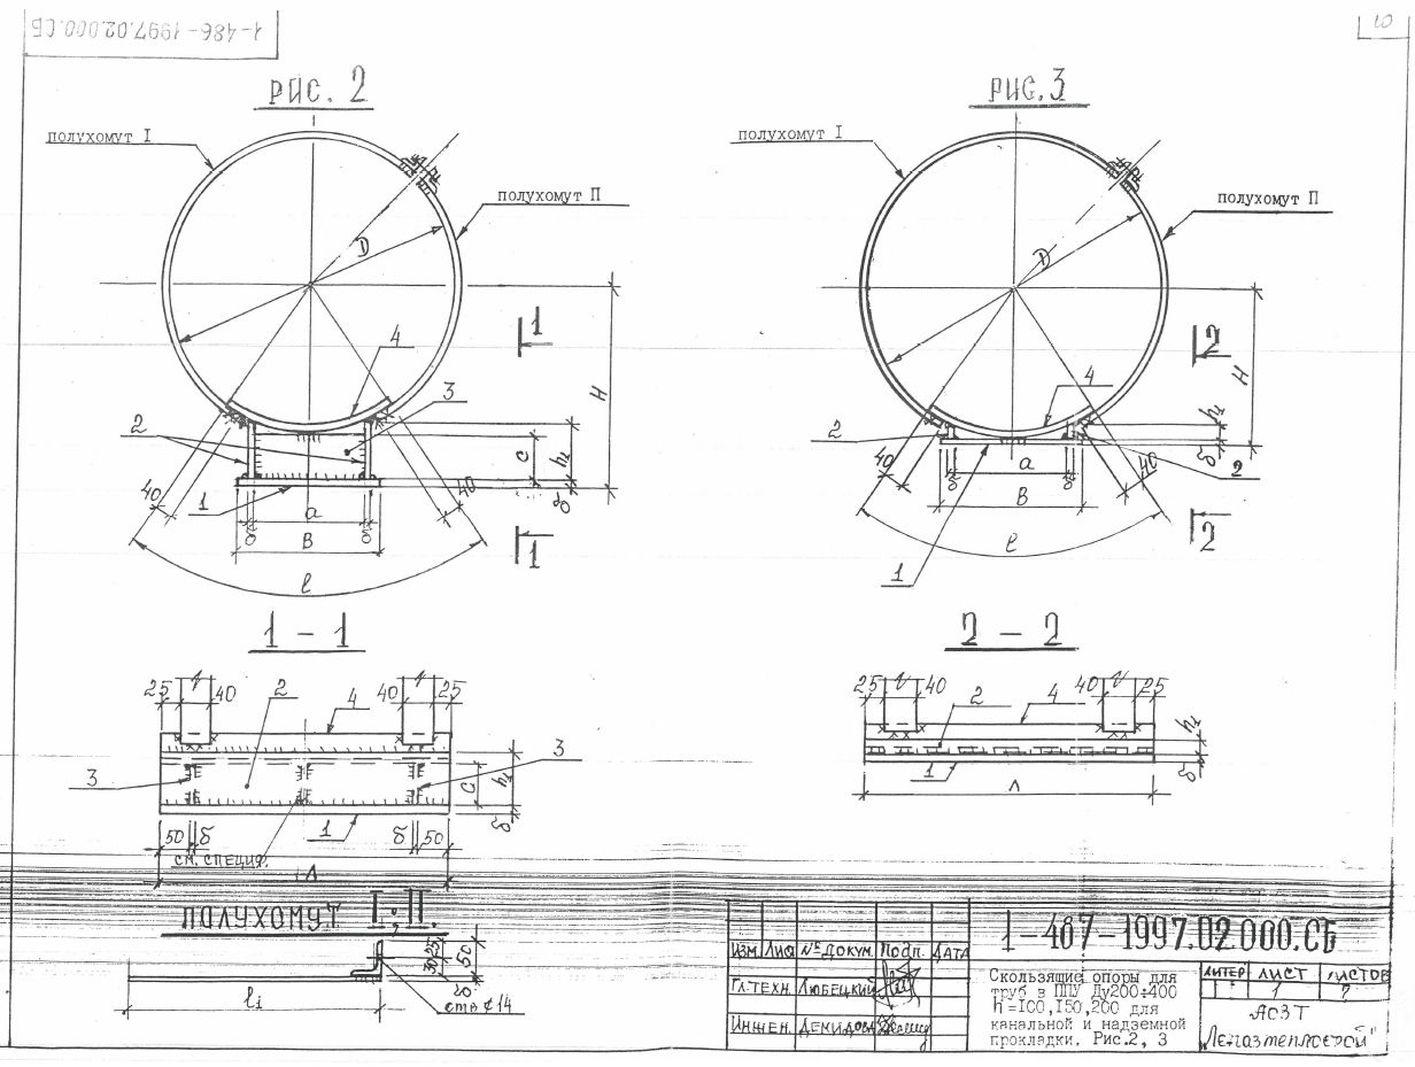 Опора СПОн ТД 1-487-1997.03.000-06 стр.1